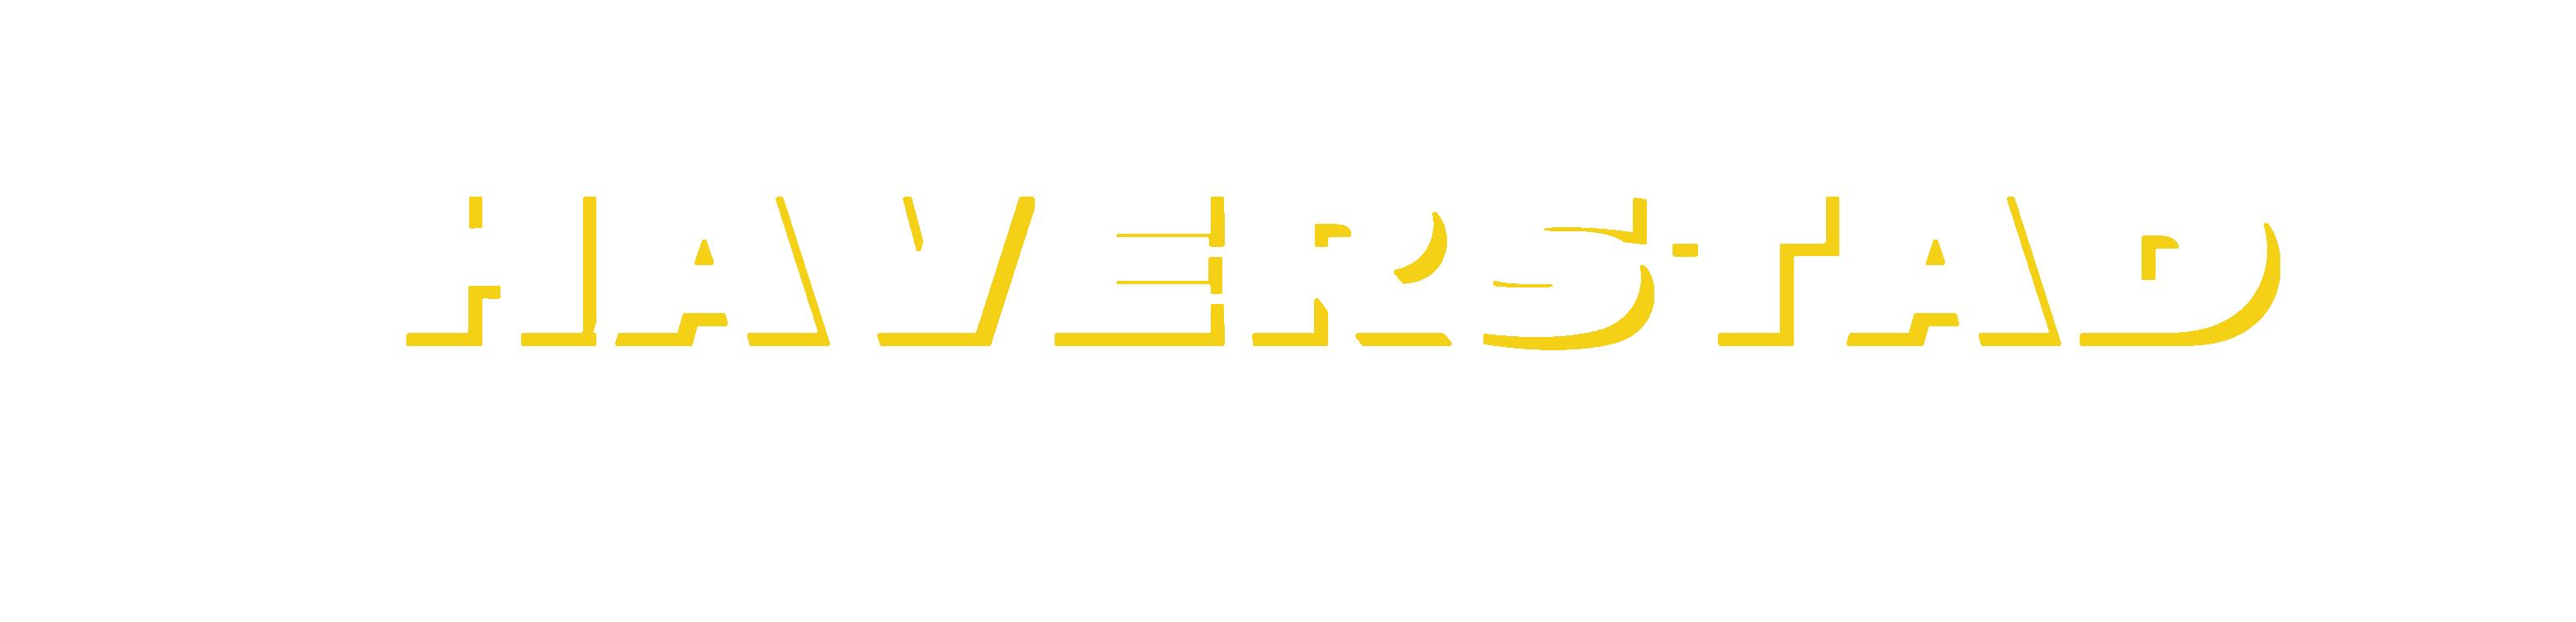 Haverstad Entreprenør